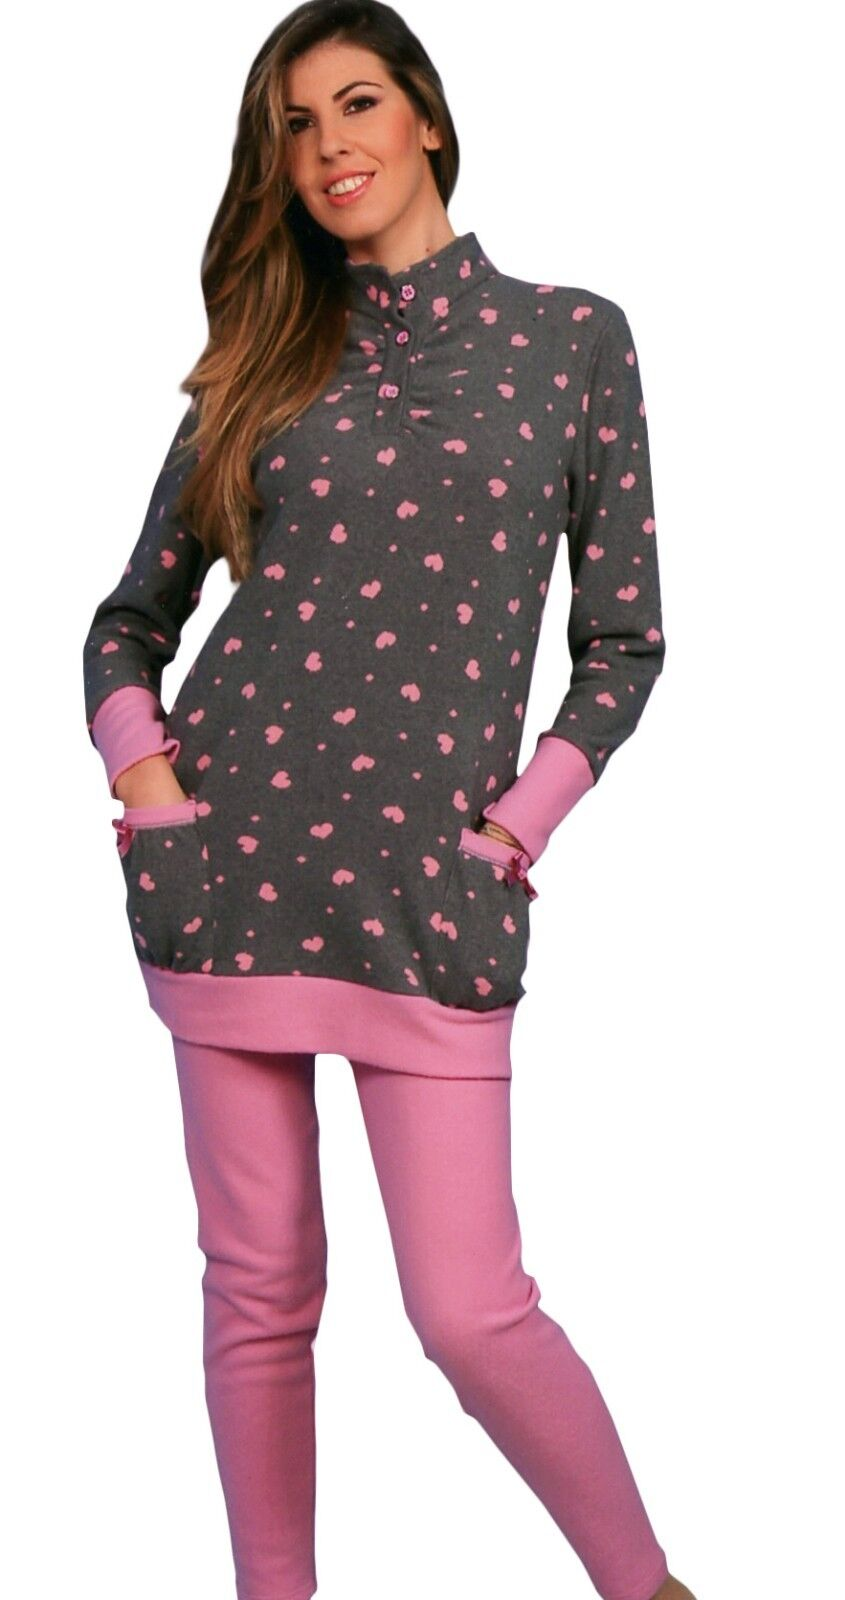 PIGIAMA donna in CALDA maglia punto milano rosa piccoli segreti berlino